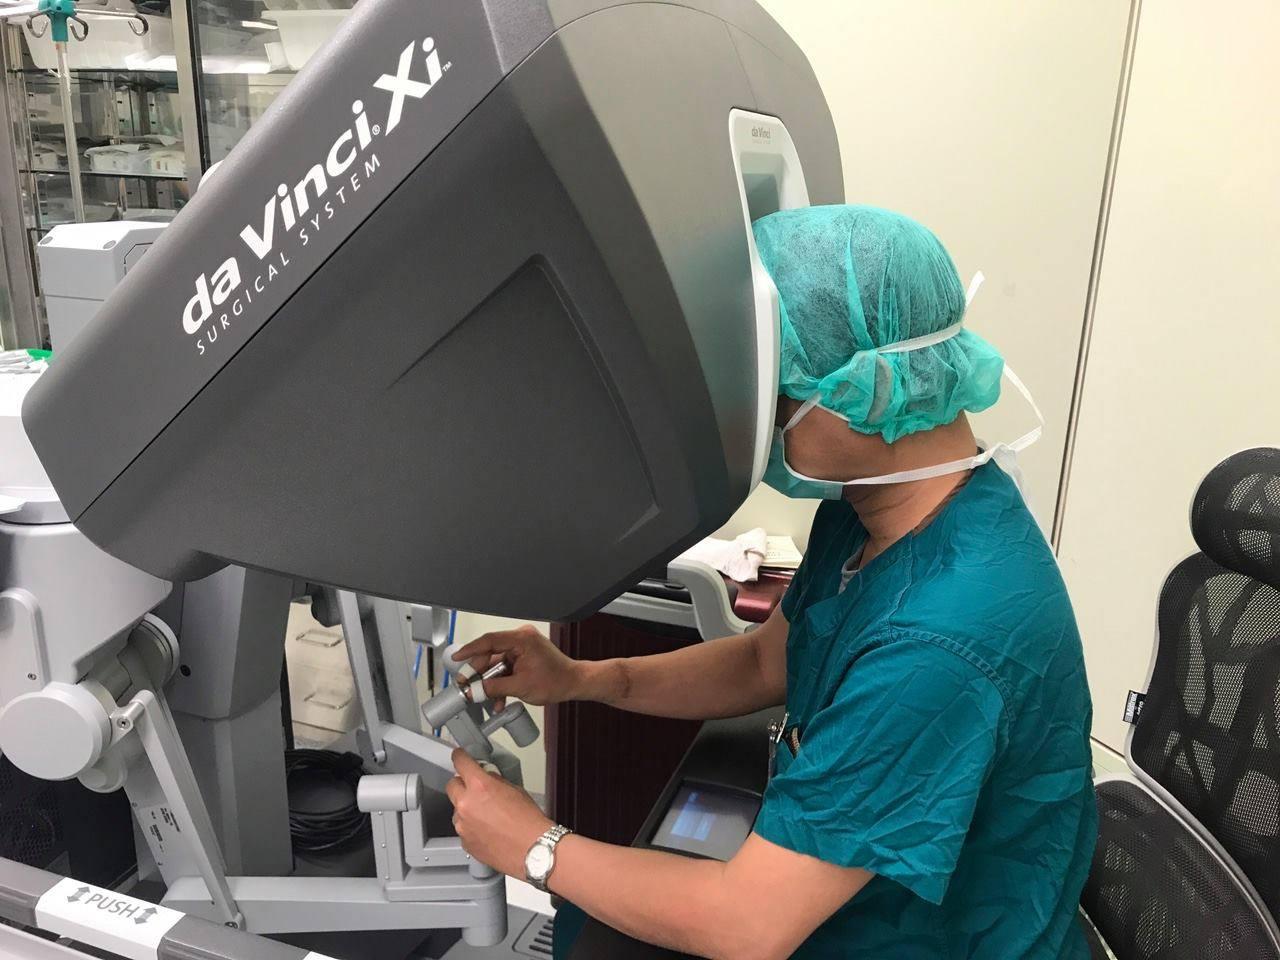 Máy móc hiện đại ở Bệnh viện Quận Thủ Đức